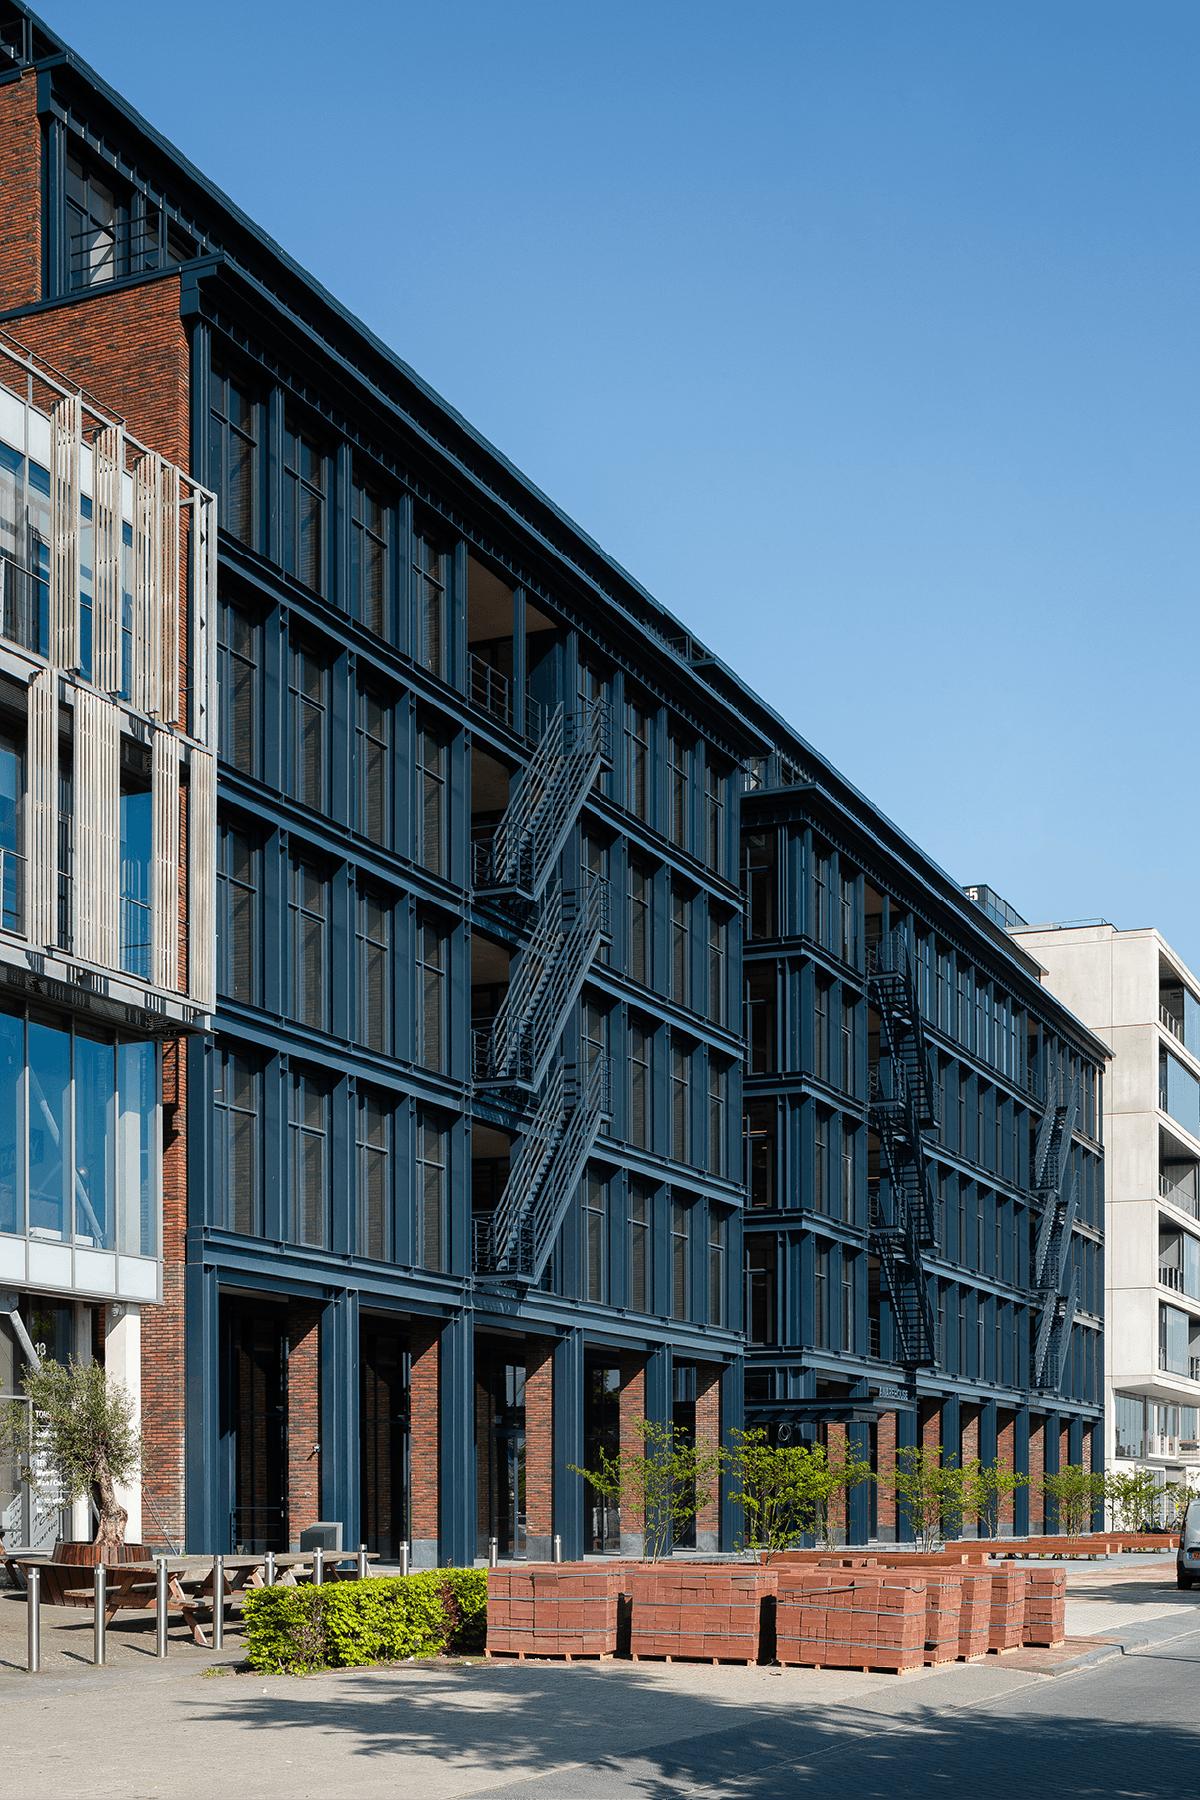 Homines-bouw-awarehouse-kantoorgebouw-parkeerplaats-amsterdam-2